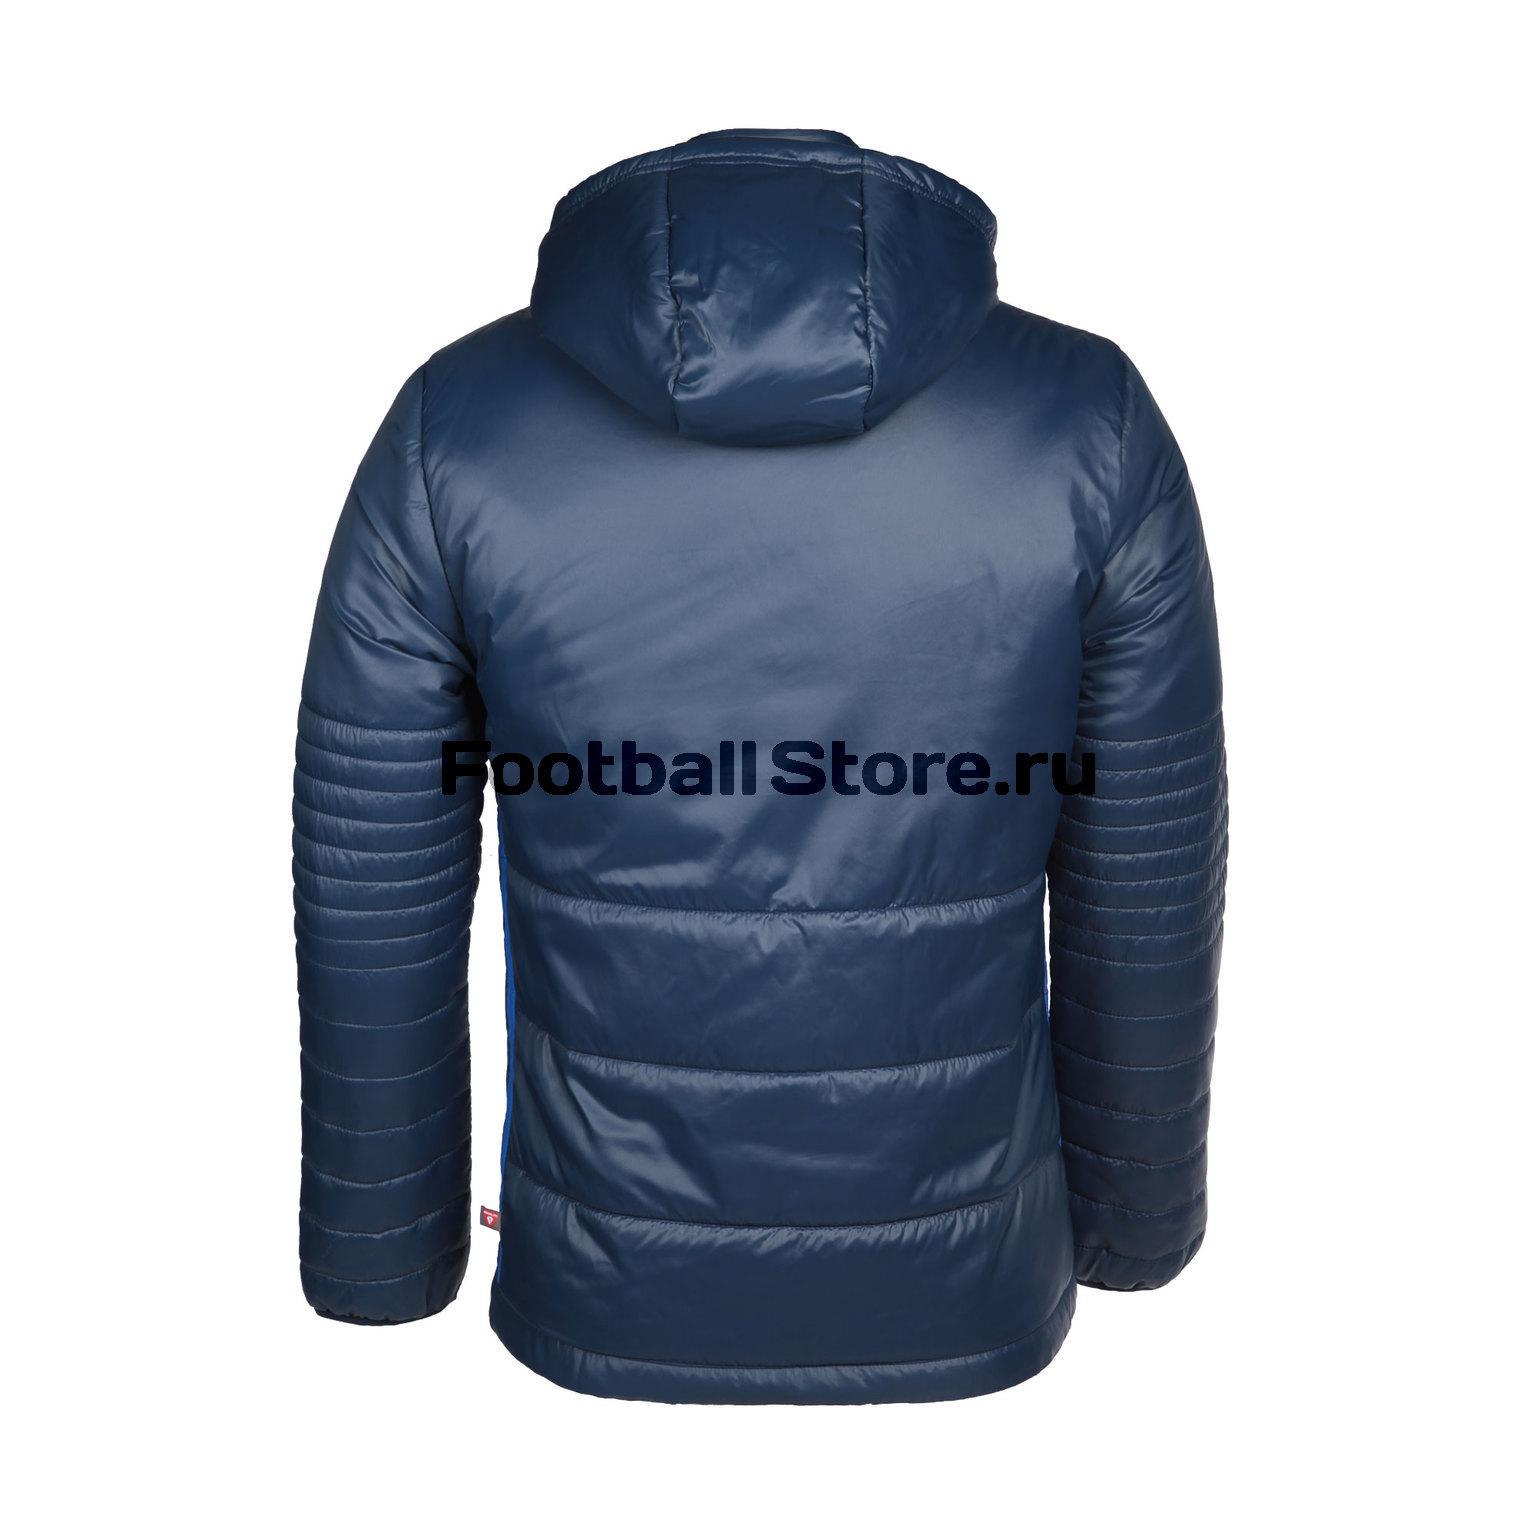 Куртки adidas зимние Самара